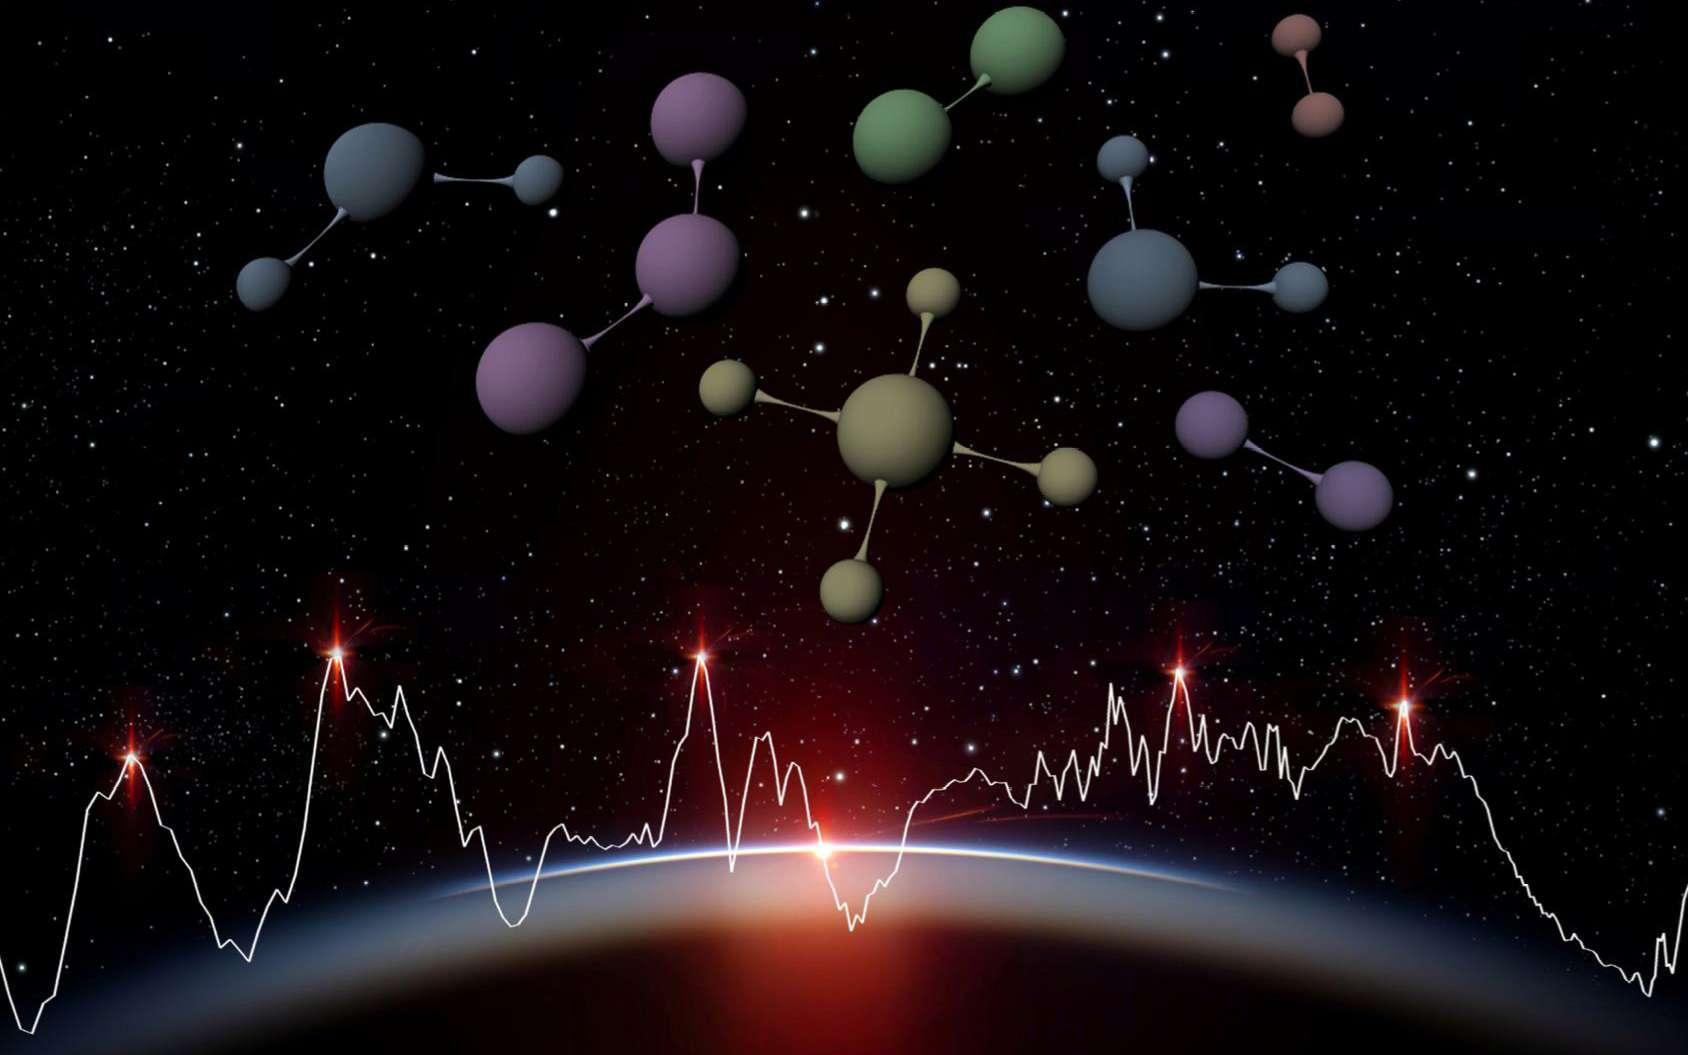 Les observations d'Ariel devraient permettent de déduire la composition chimique, la température et la pression dans l'atmosphère de la planète observée. © Ariel Science team